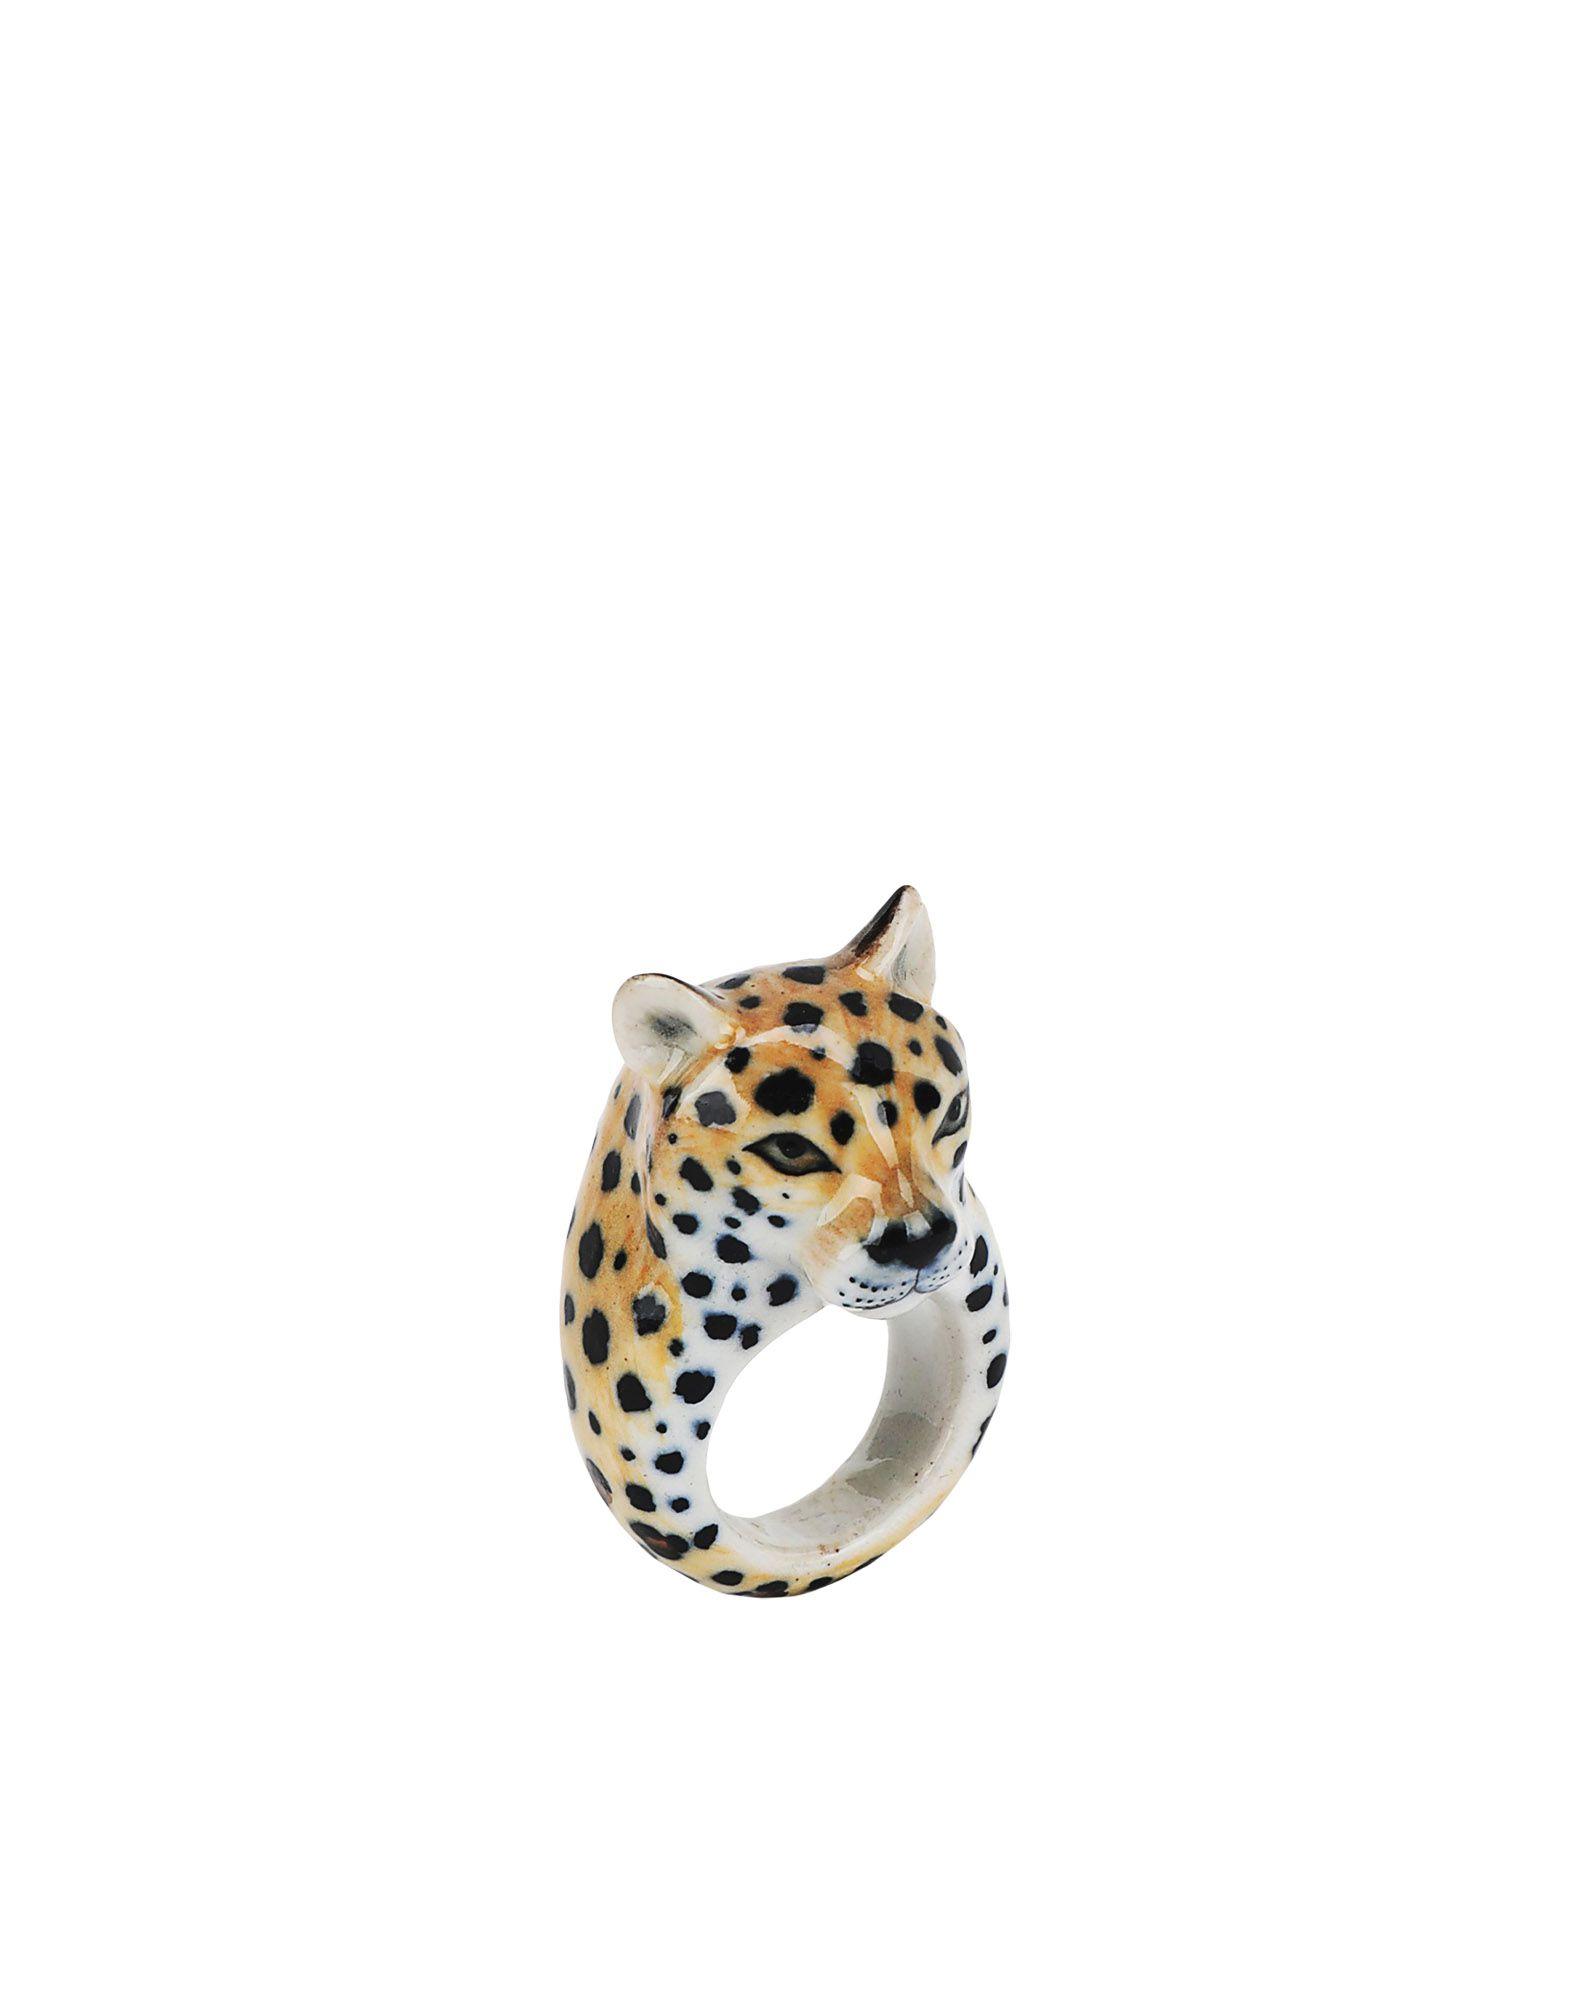 《期間限定 セール開催中》NACH レディース 指輪 ベージュ S セラミック 100% Cheetah ring